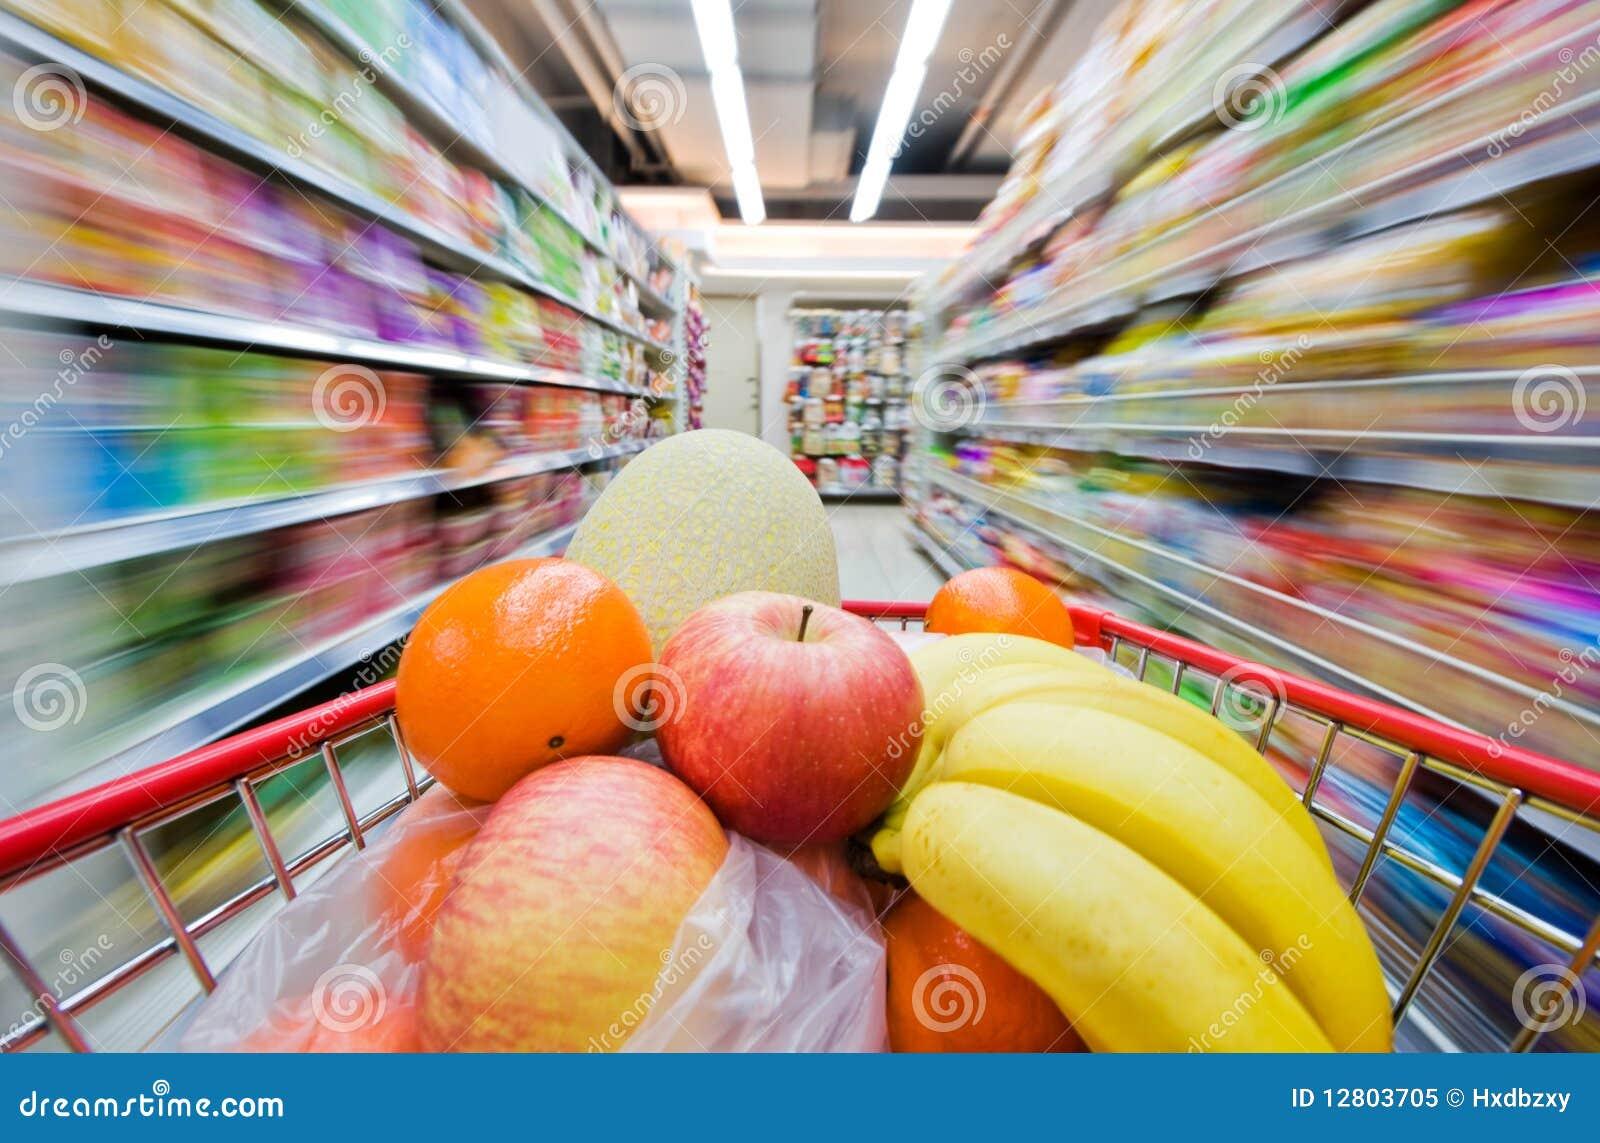 Sumário do supermercado